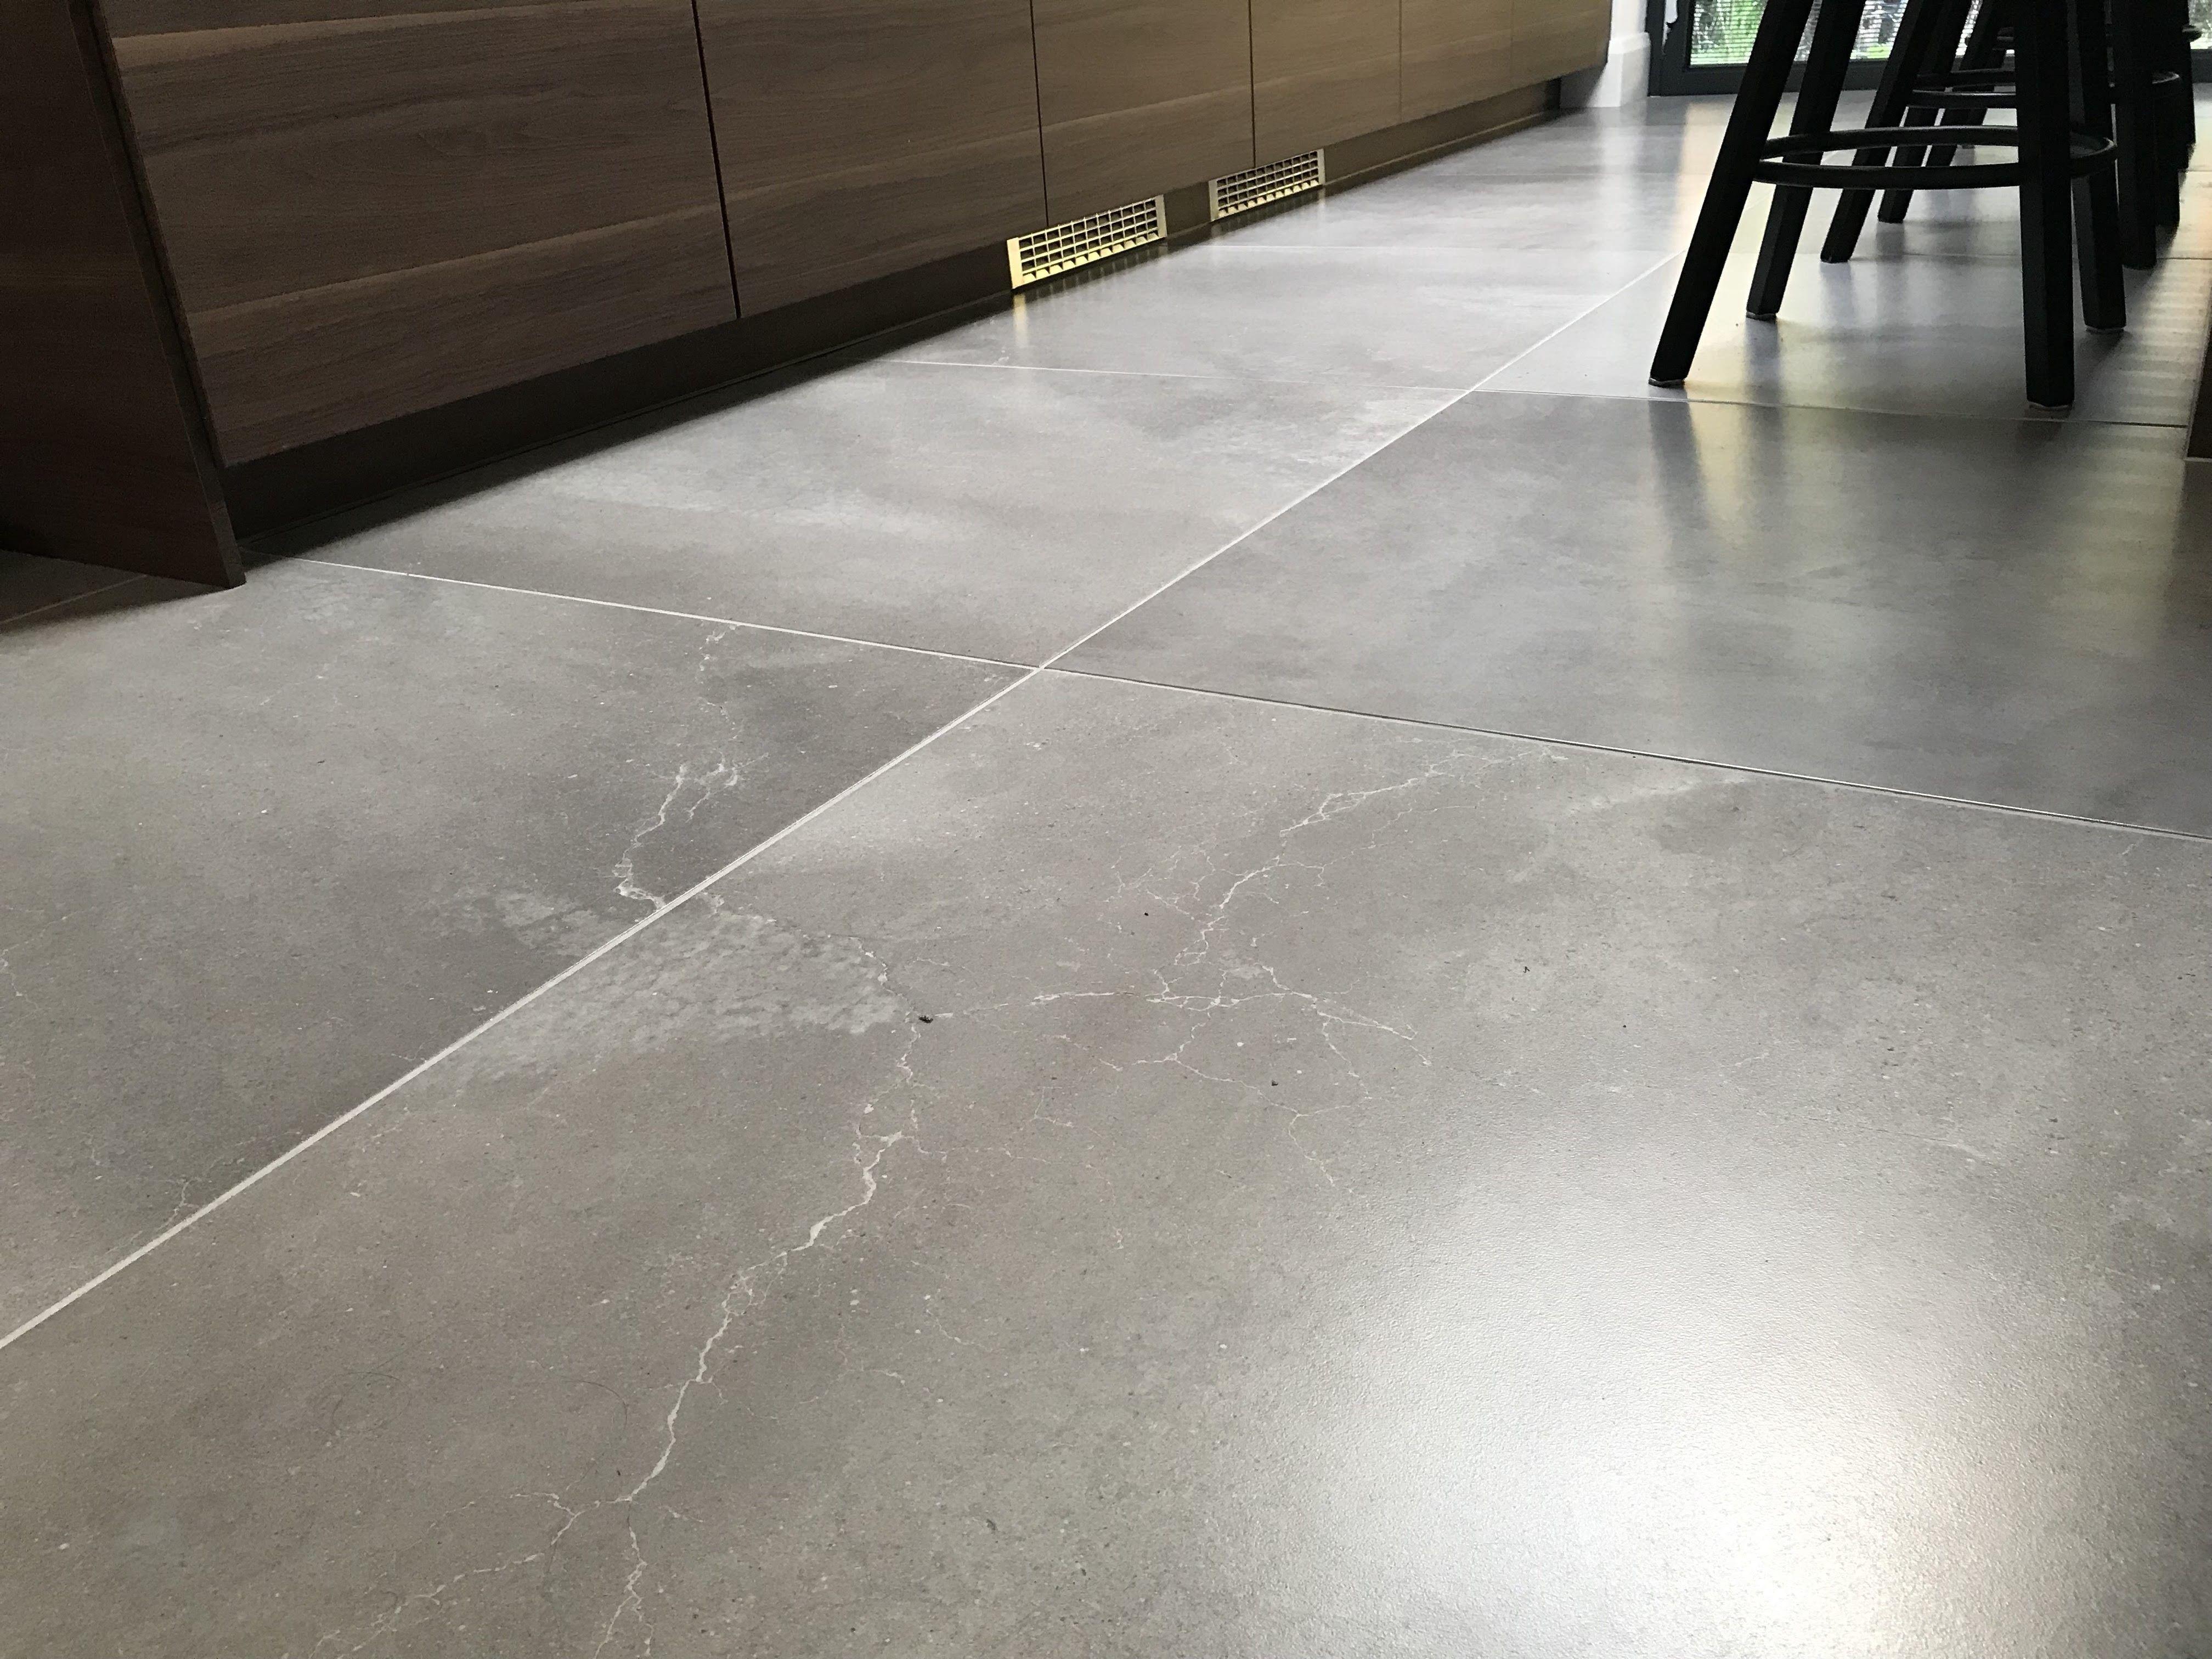 45 Exellent Tiled Floor Decortez Tile Floor Grey Floor Tiles Ceramic Tile Floor Kitchen